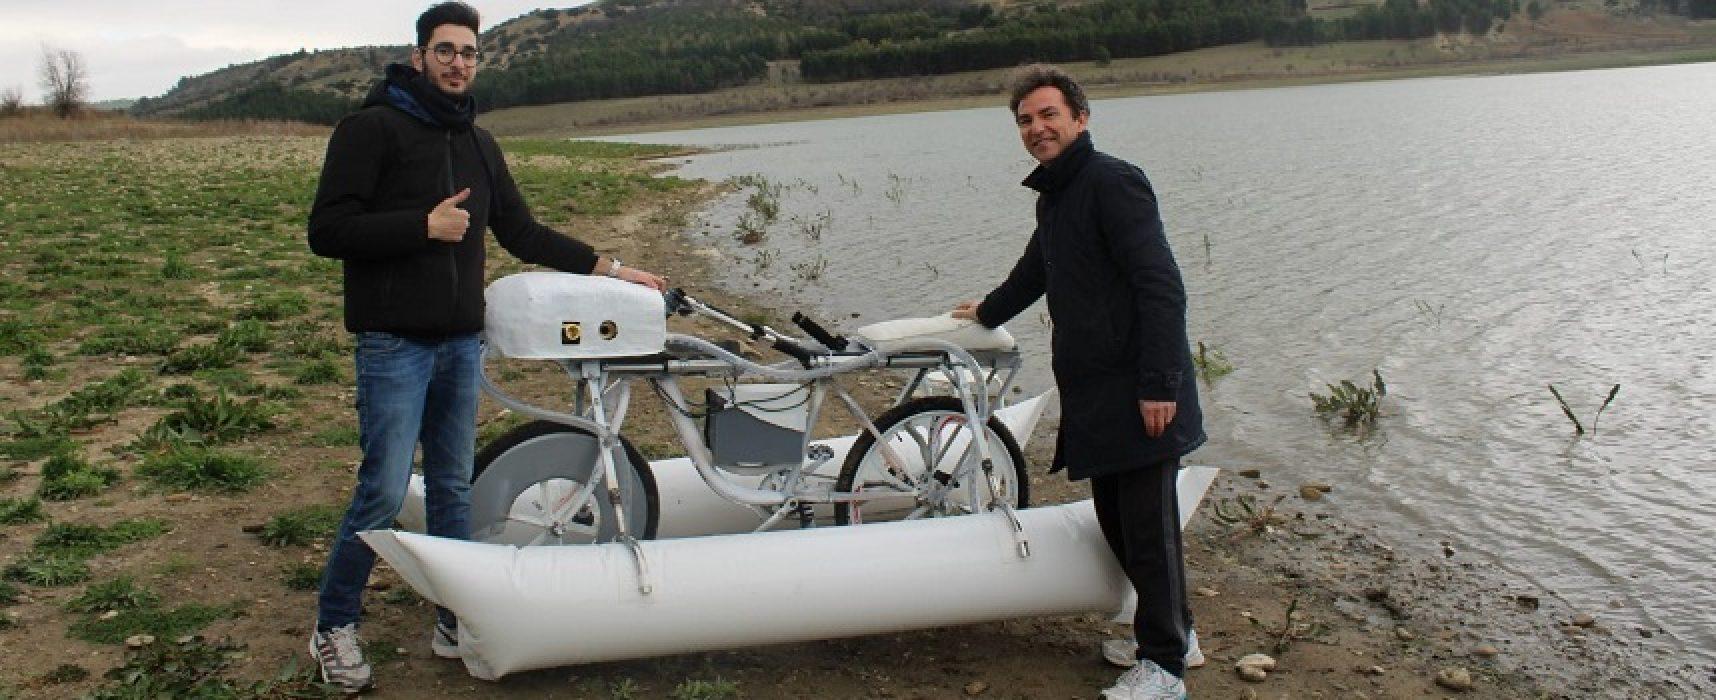 """La """"Bicicletta Rana"""" finalista del concorso europeo per scienziati Eucys / VIDEO"""